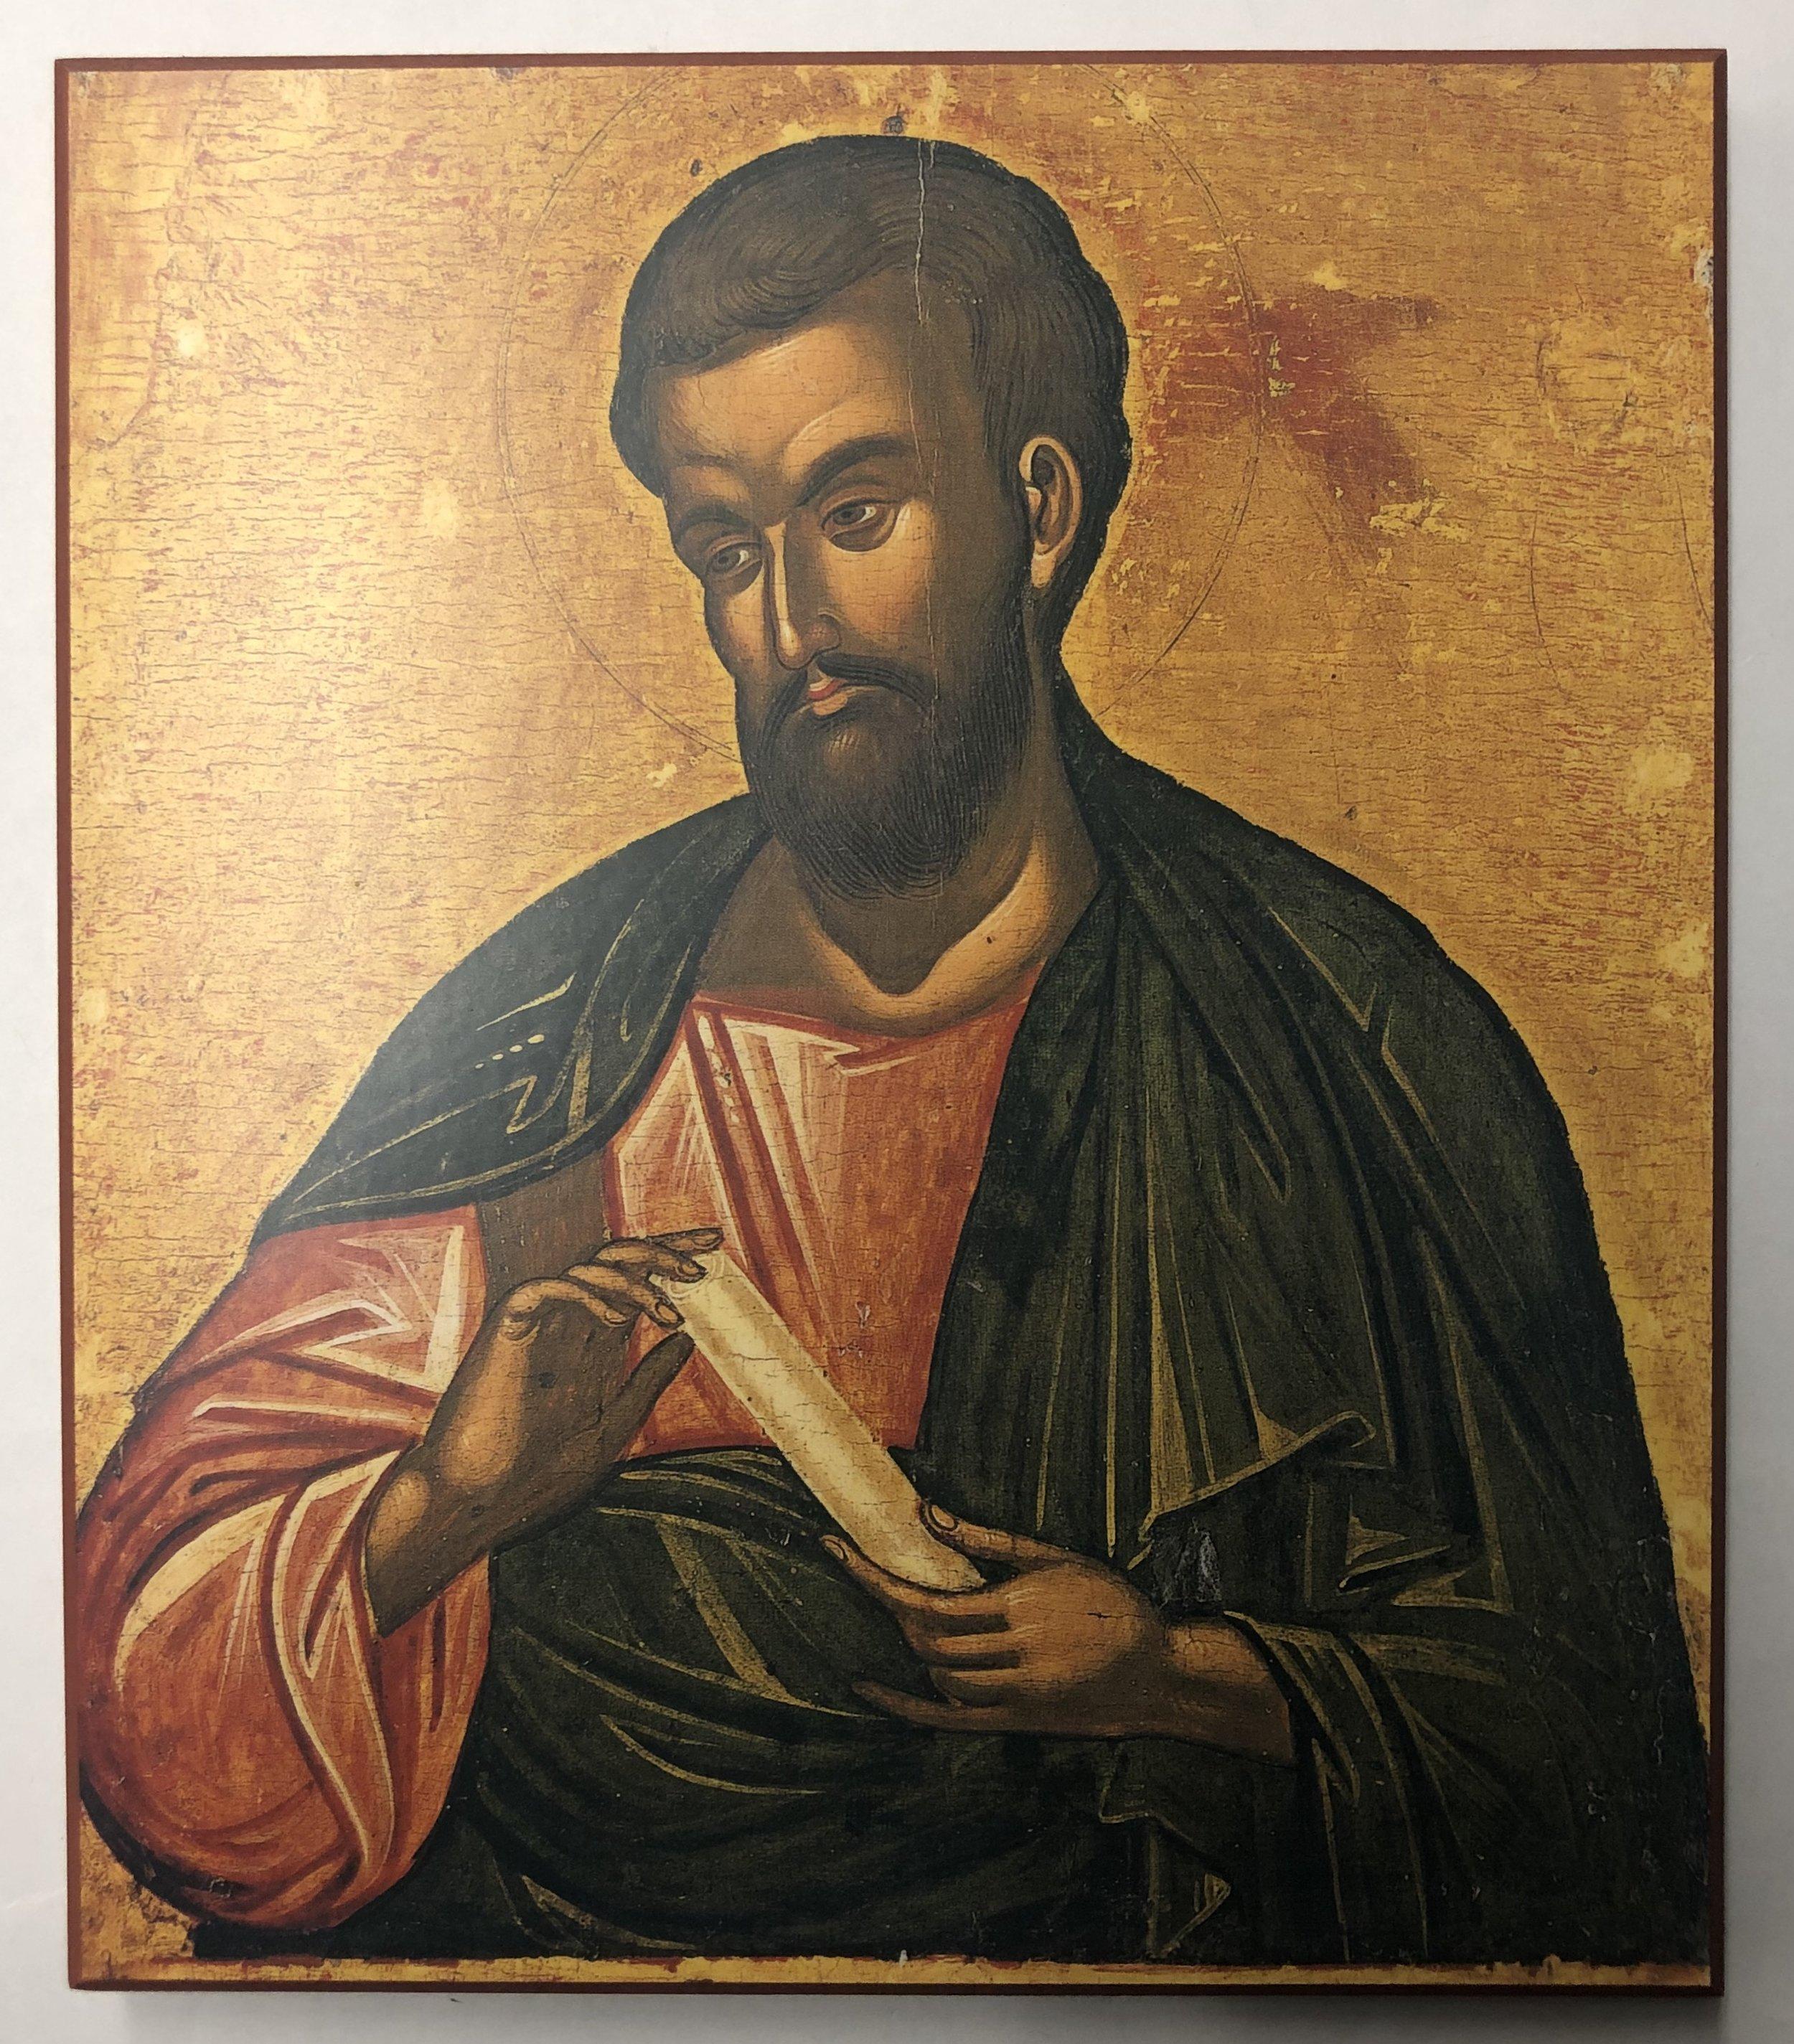 St Bartholomew Icon Image.jpg